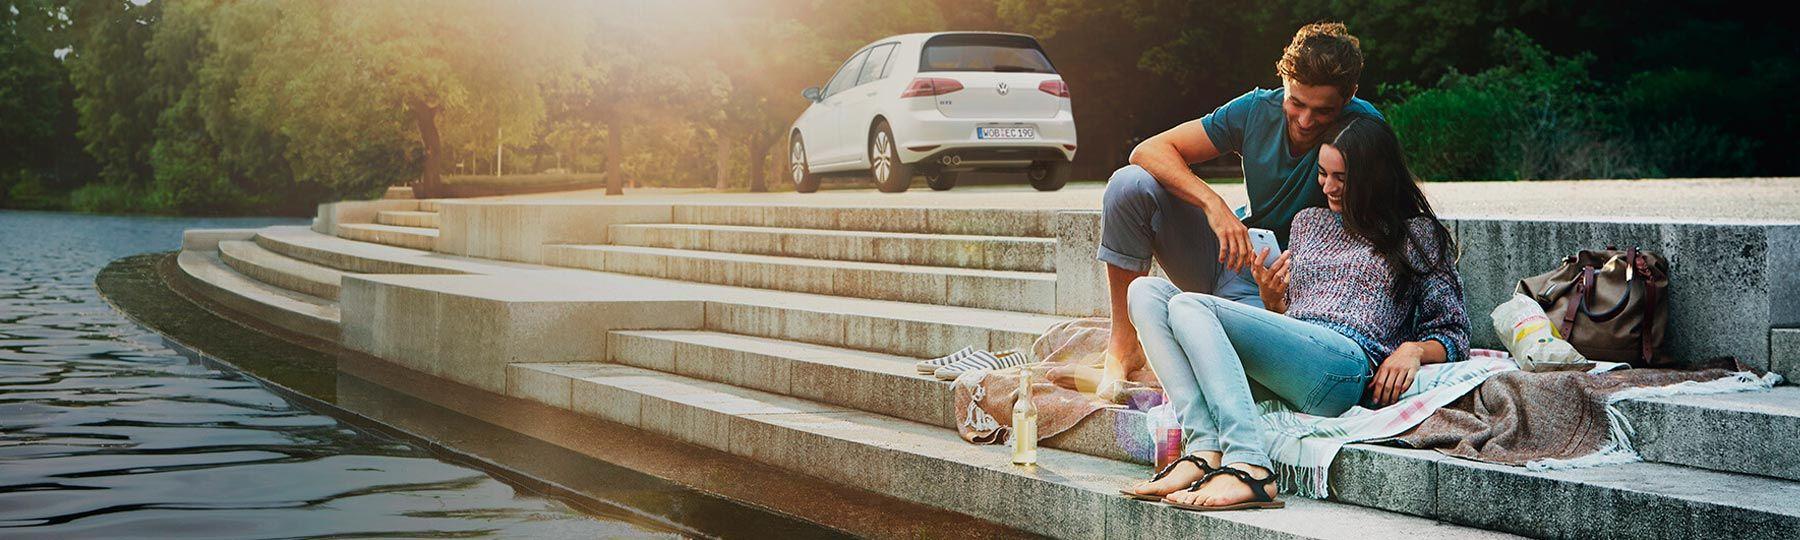 Santano Automoción, Concesionario Oficial Volkswagen en Cáceres y Plasencia